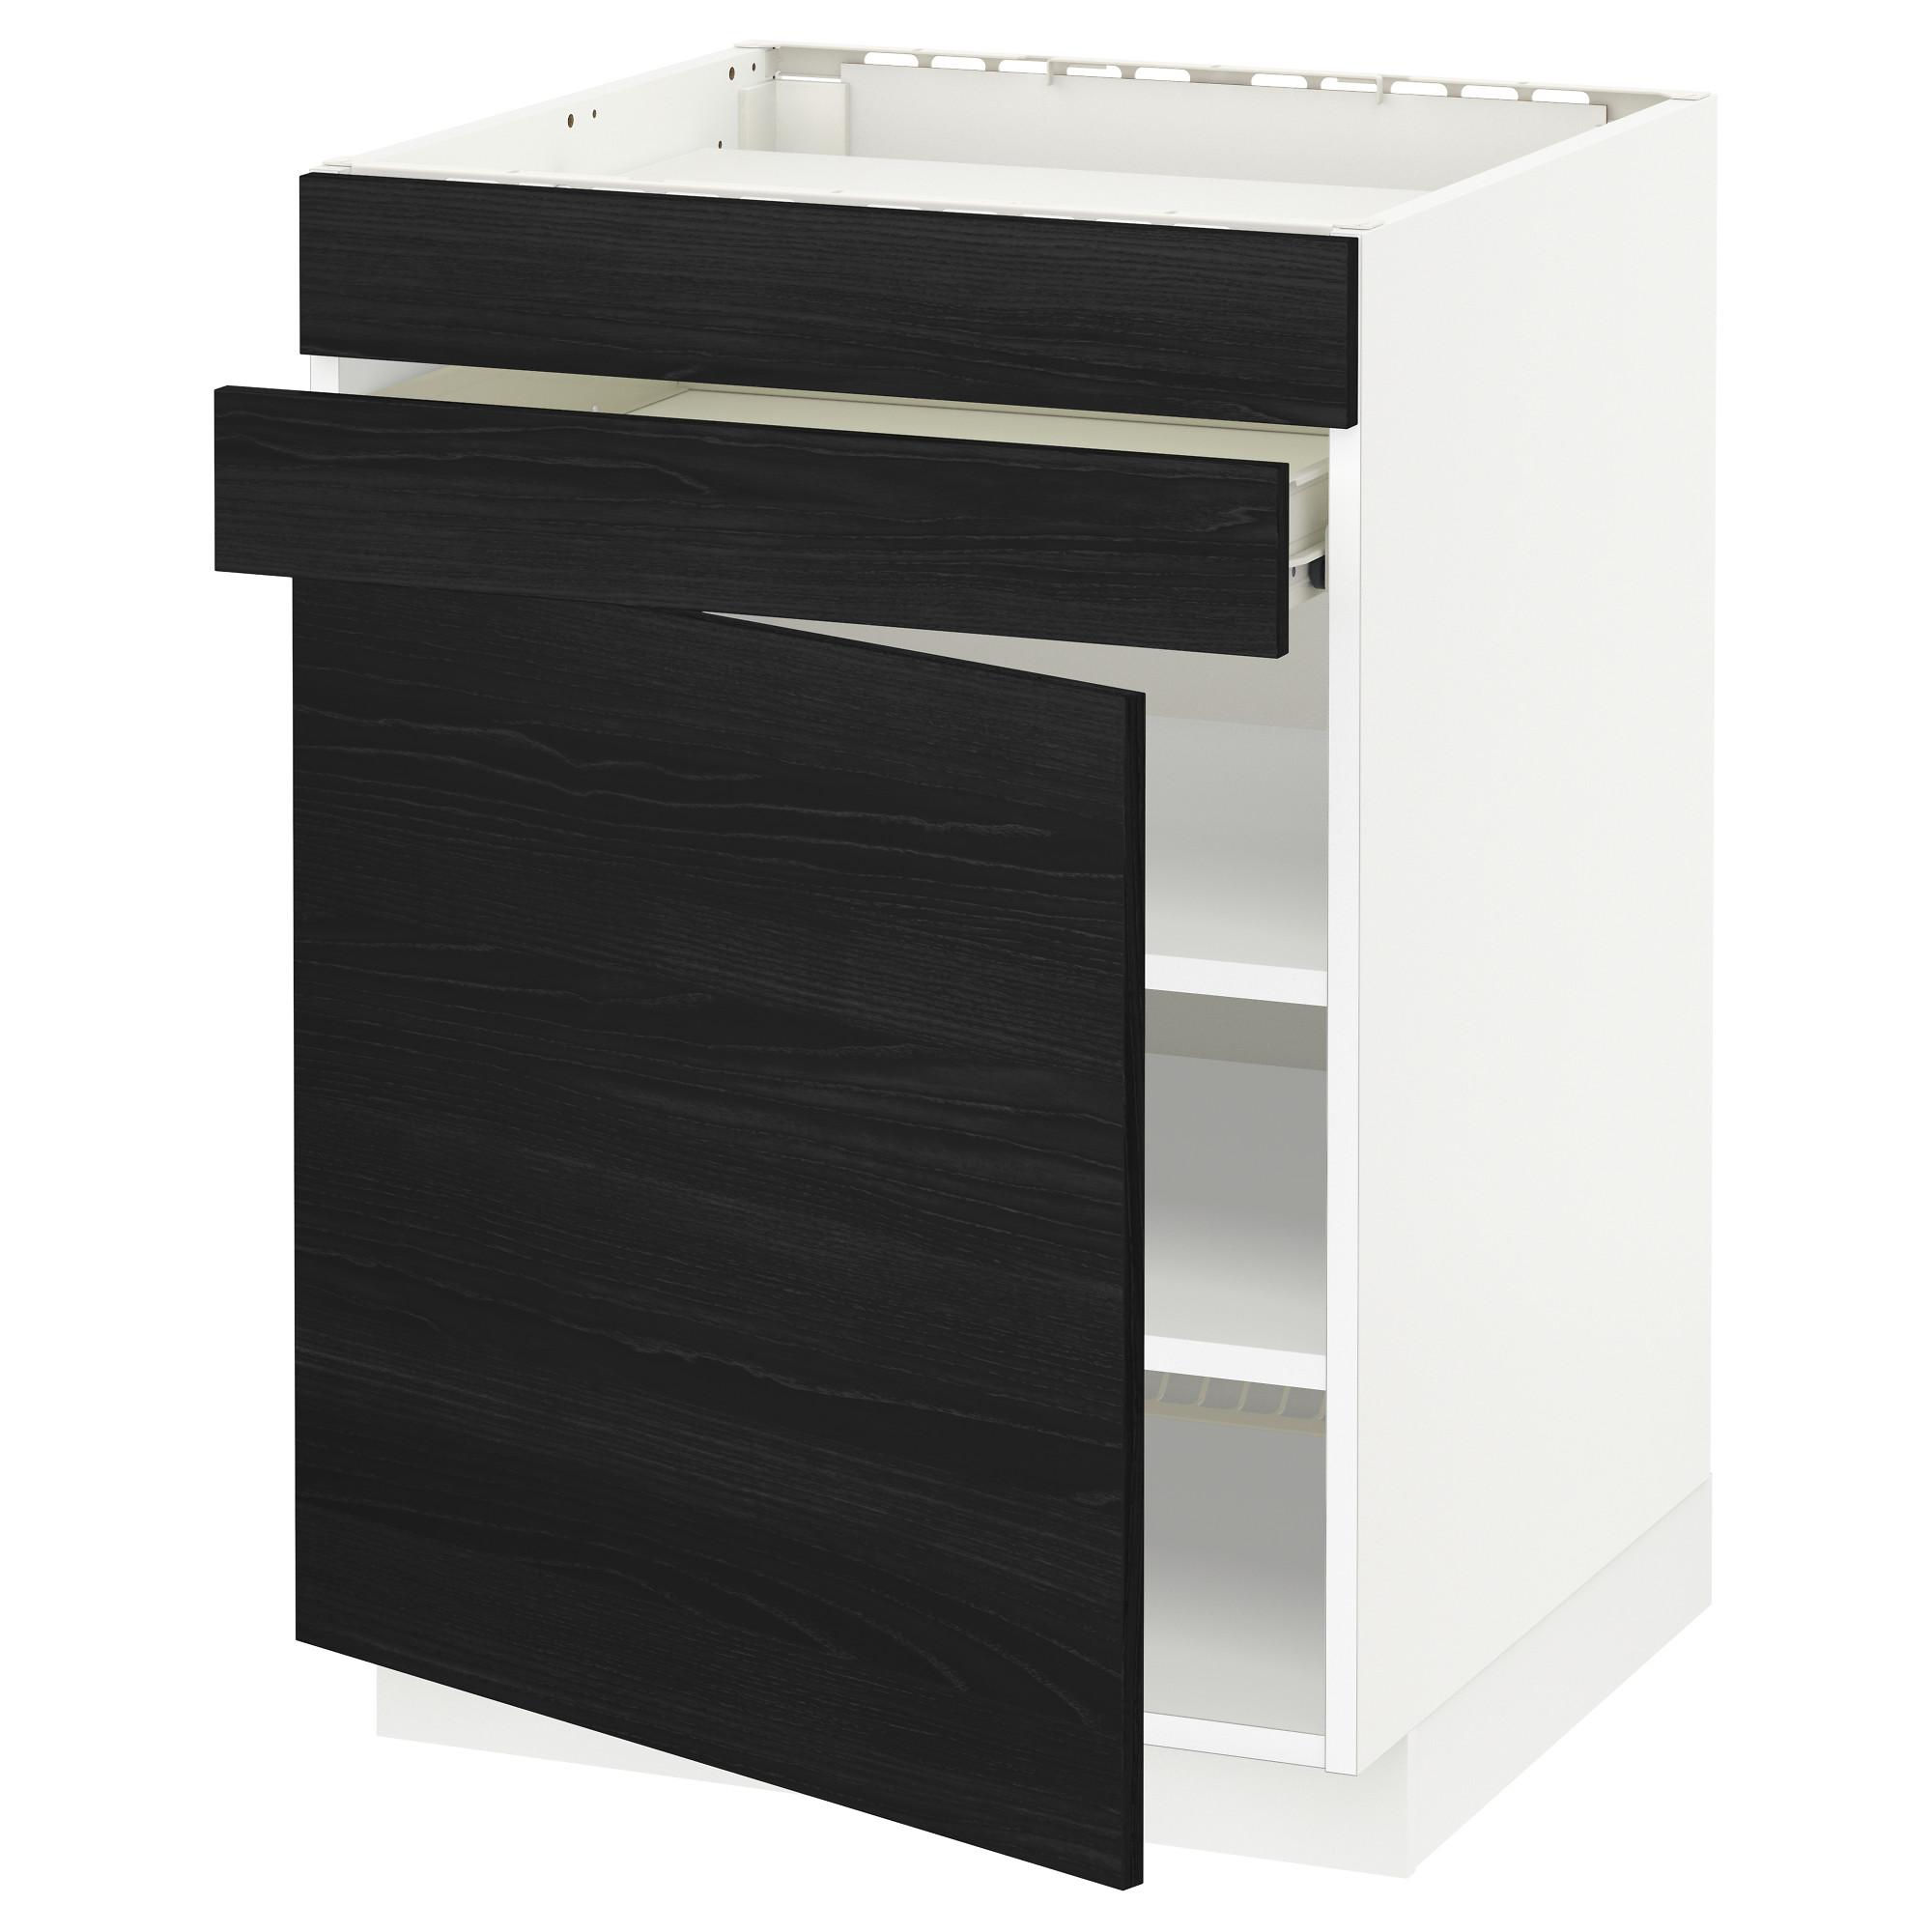 Напольный шкаф для варочной панели, доводчик, 2 фасада, 1 ящик МЕТОД / ФОРВАРА черный артикуль № 892.673.88 в наличии. Онлайн сайт ИКЕА РБ. Быстрая доставка и соборка.